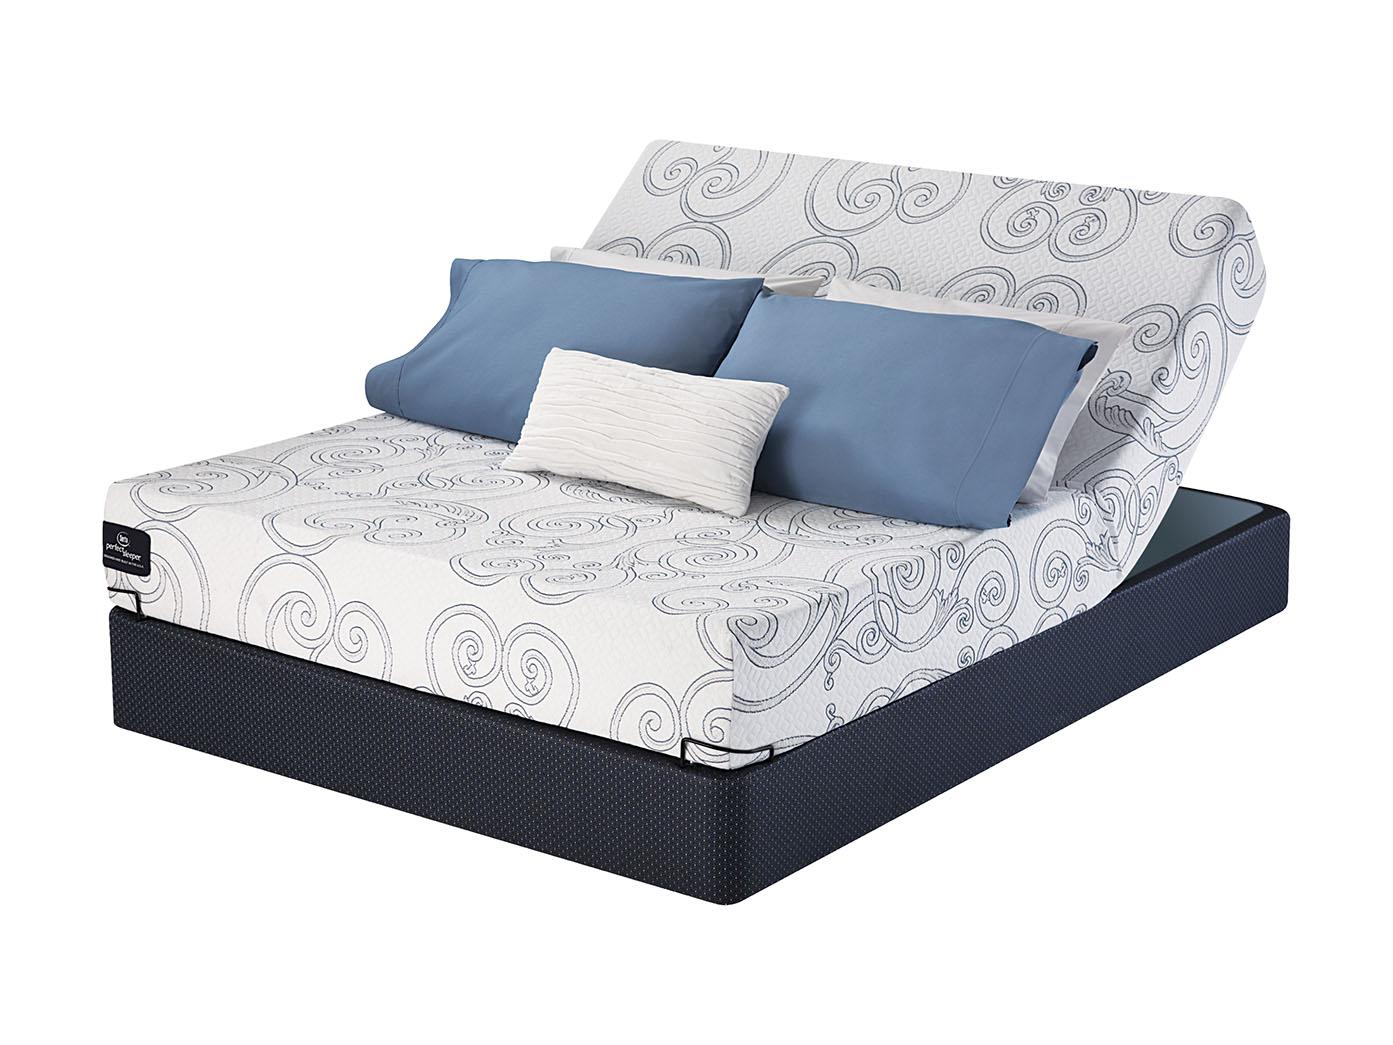 Leland Perfect Sleeper Memory Foam Queen Mattress